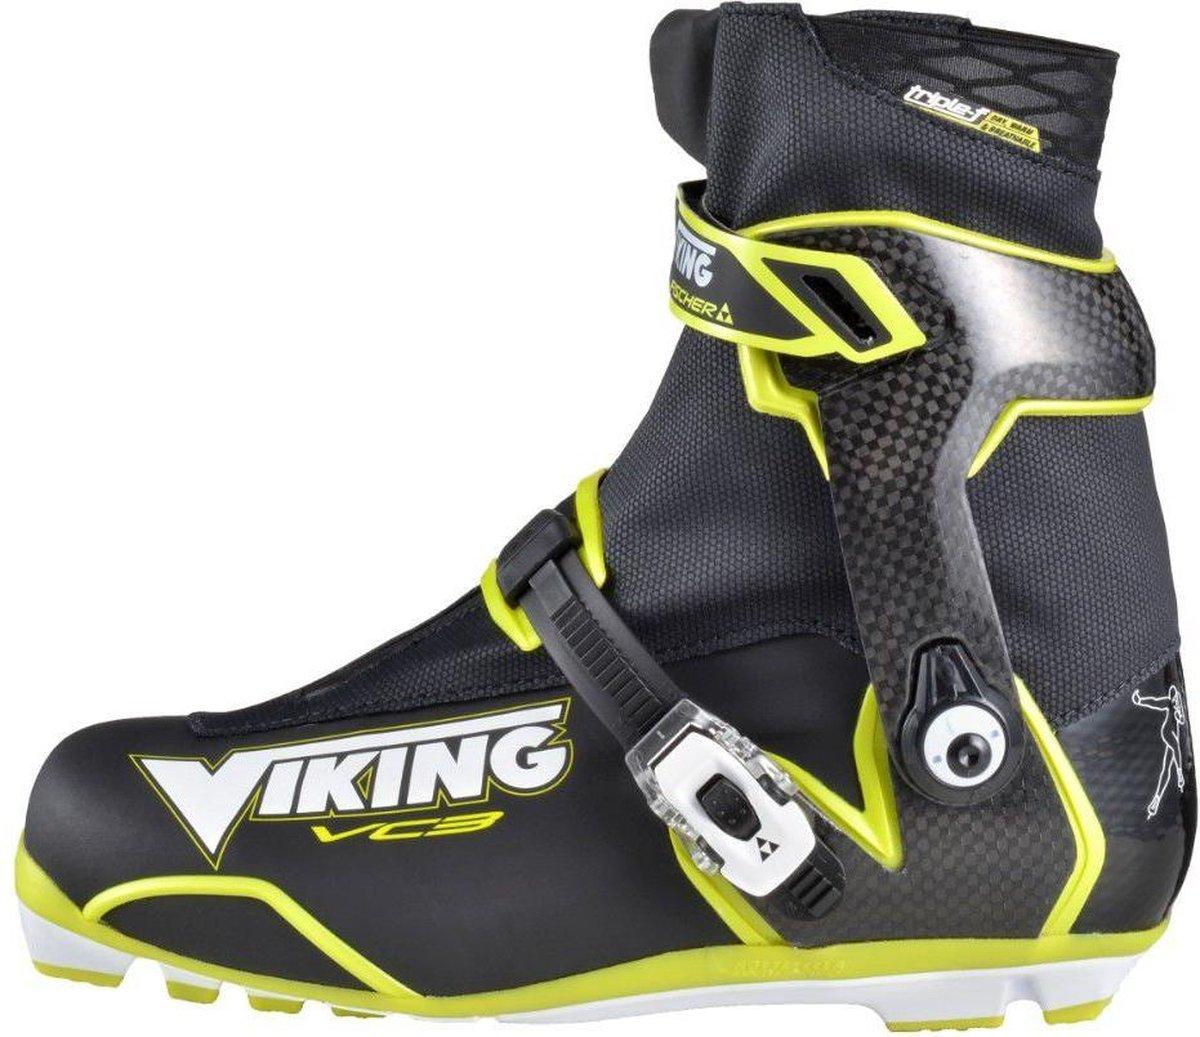 Viking Cruiser VC3 - schaats / alleen schoen - exclusief onderstel (schoen valt klein) - maat 48